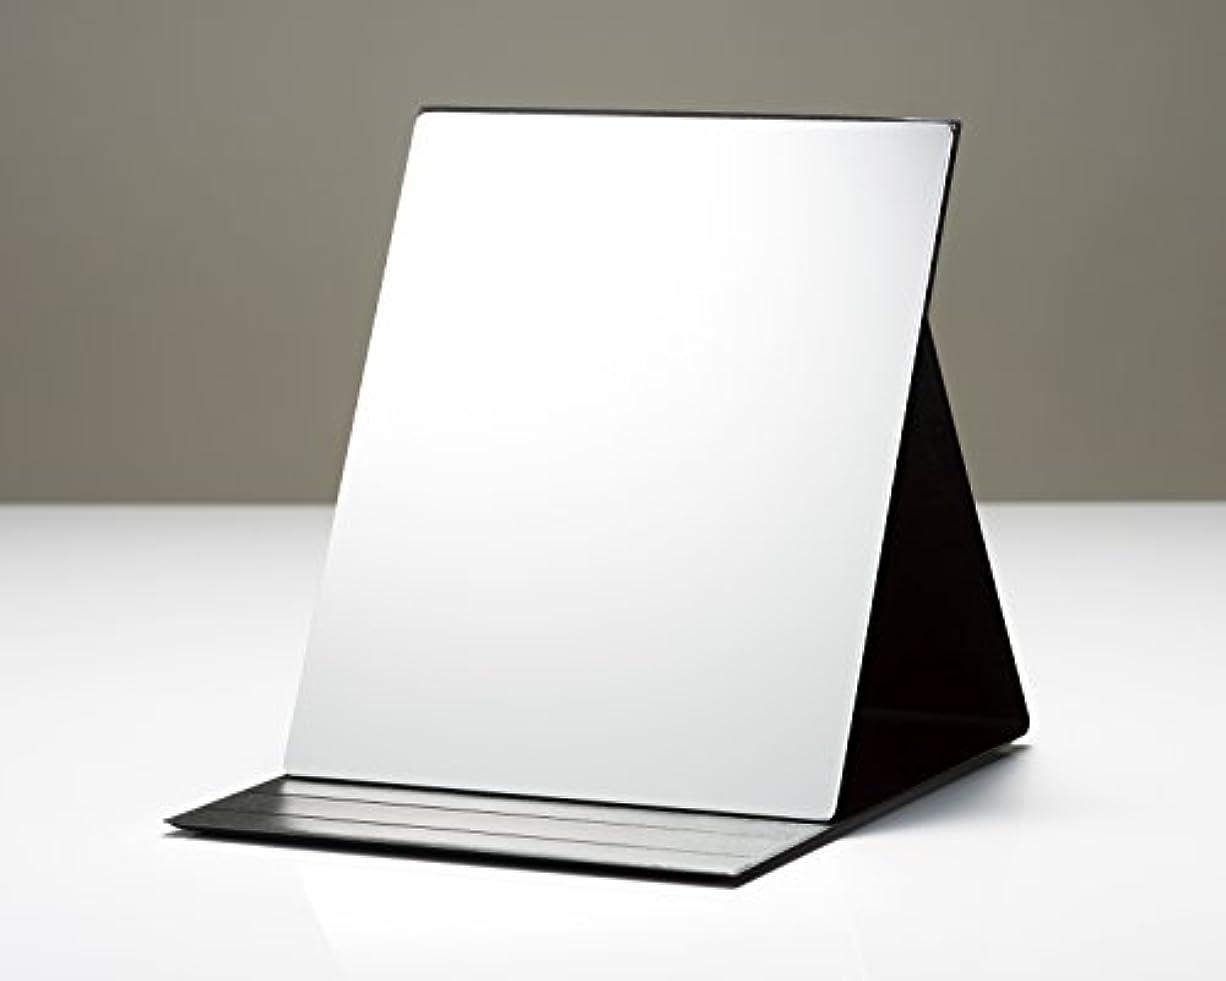 冷凍庫口述するどちらか割れないミラー いきいきミラー折立(3L)